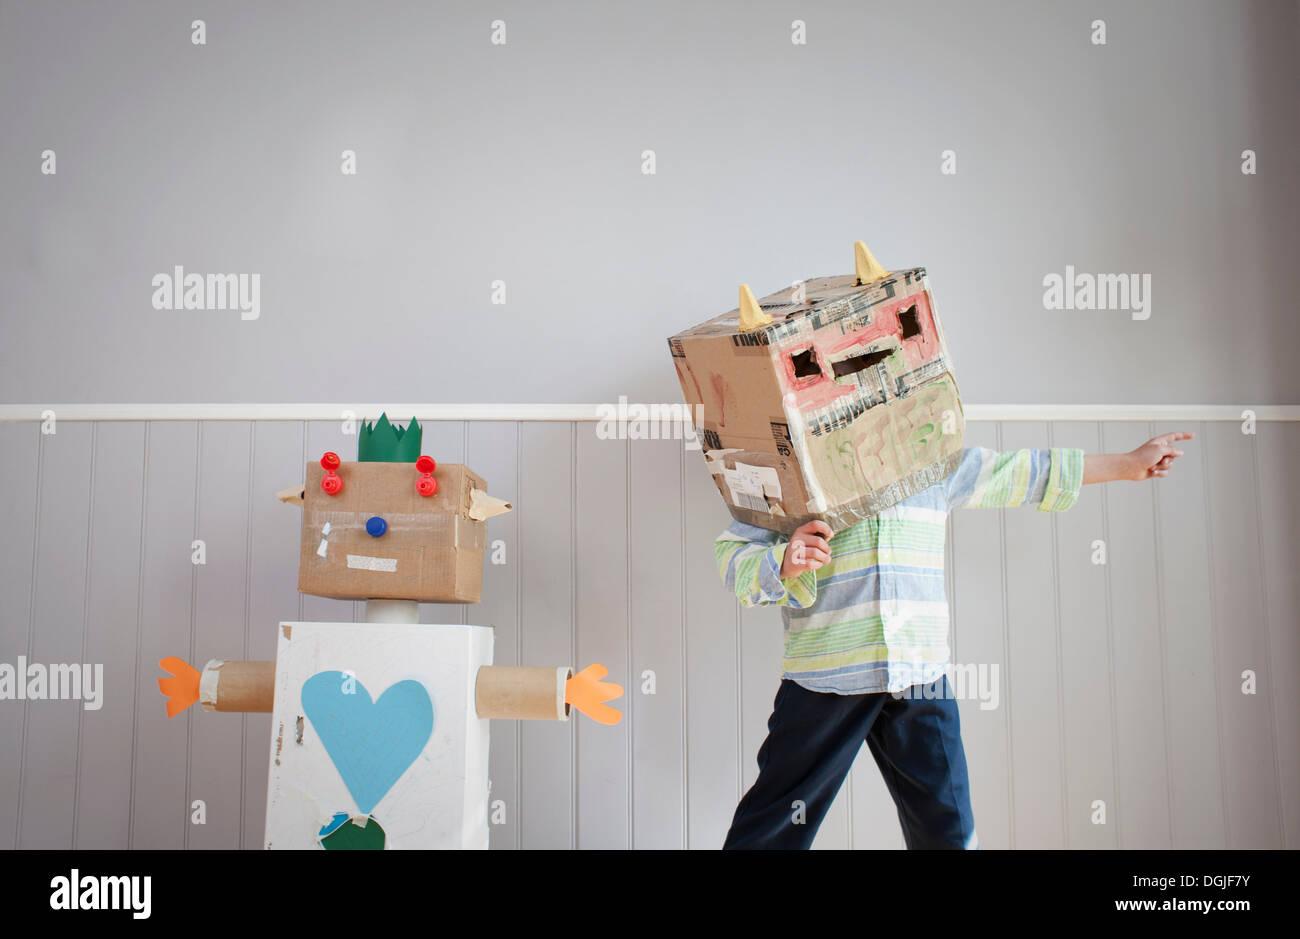 Junge mit Box für Kopf und hausgemachte Spielzeugroboter Stockbild